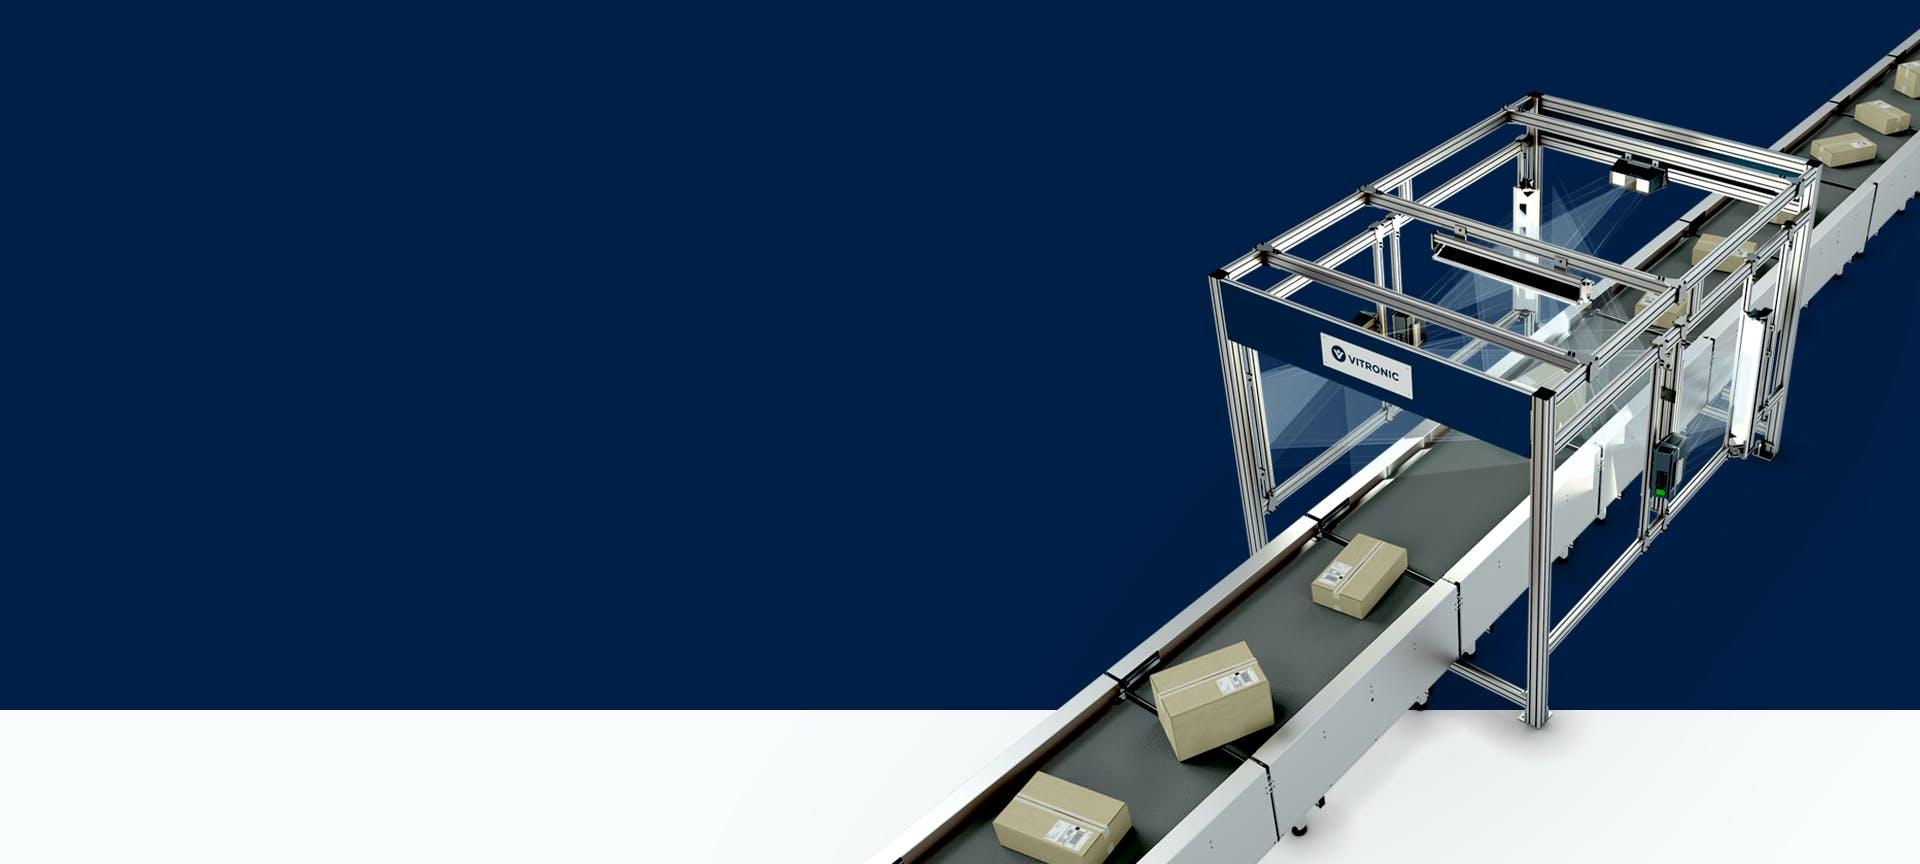 Eine Auto-ID-Komplettlösung mit Förderband für Warenausgang und Kommissionierung